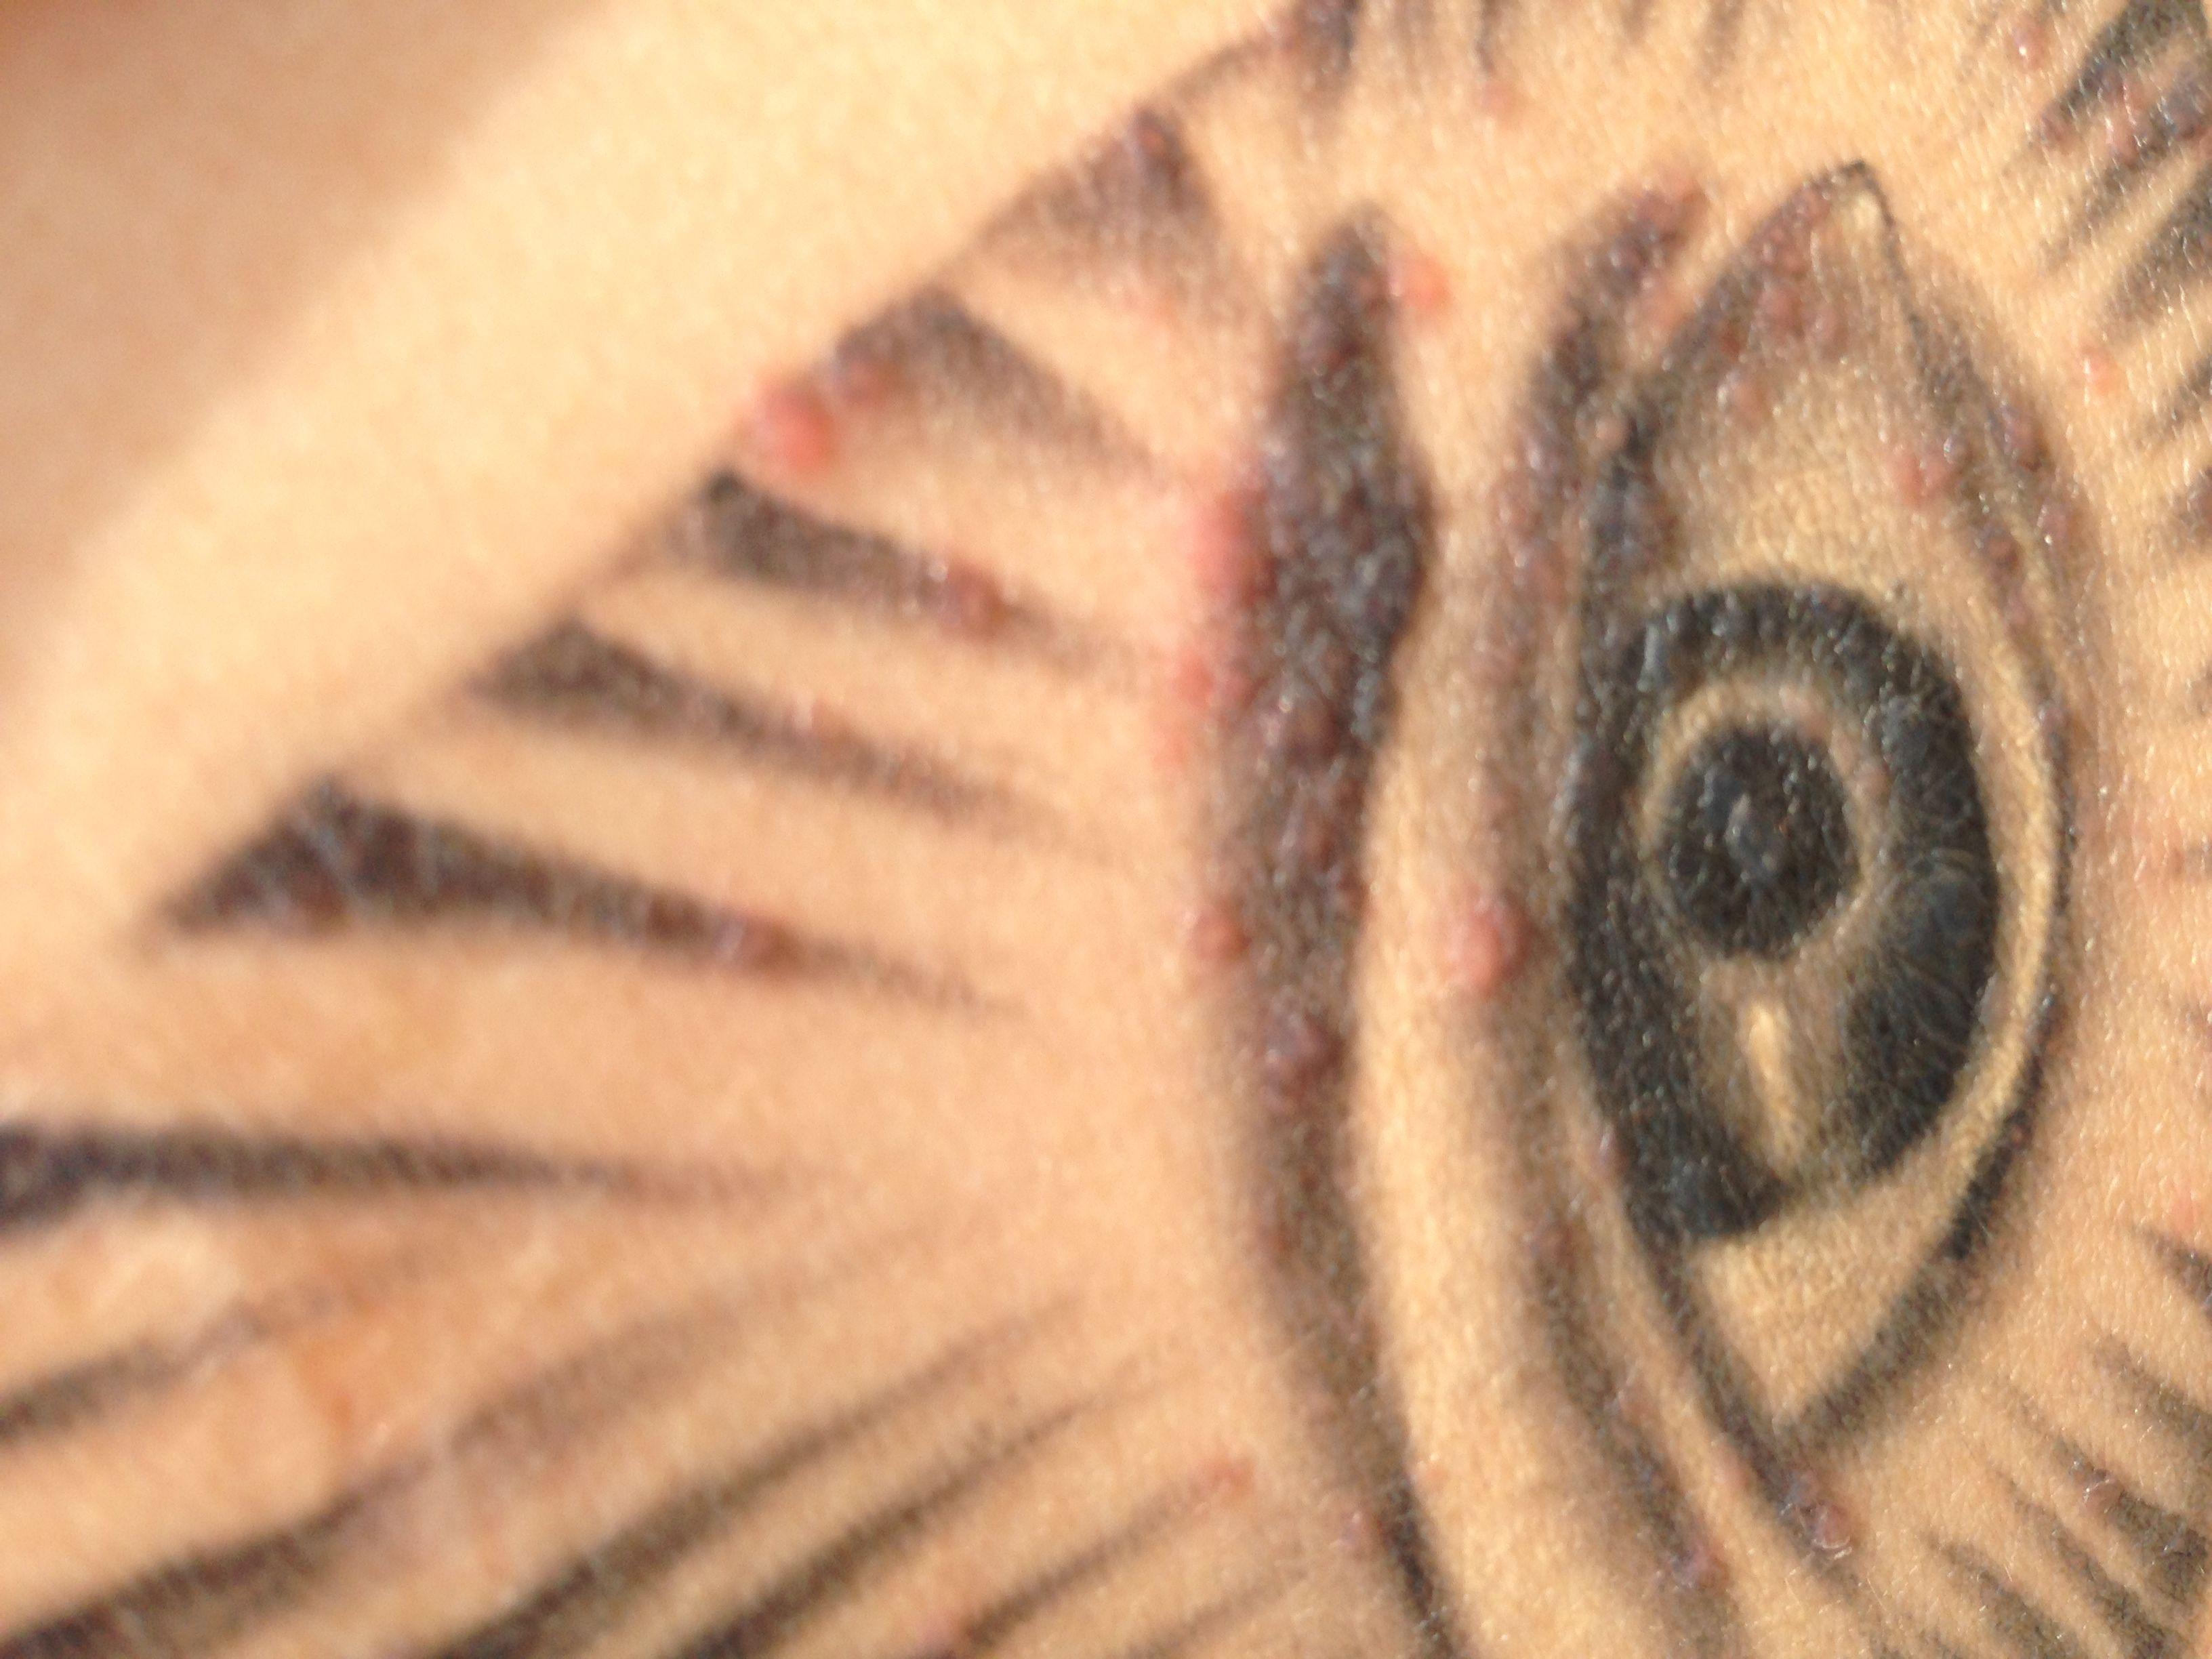 纹身后,纹身部位出现红疙瘩图片